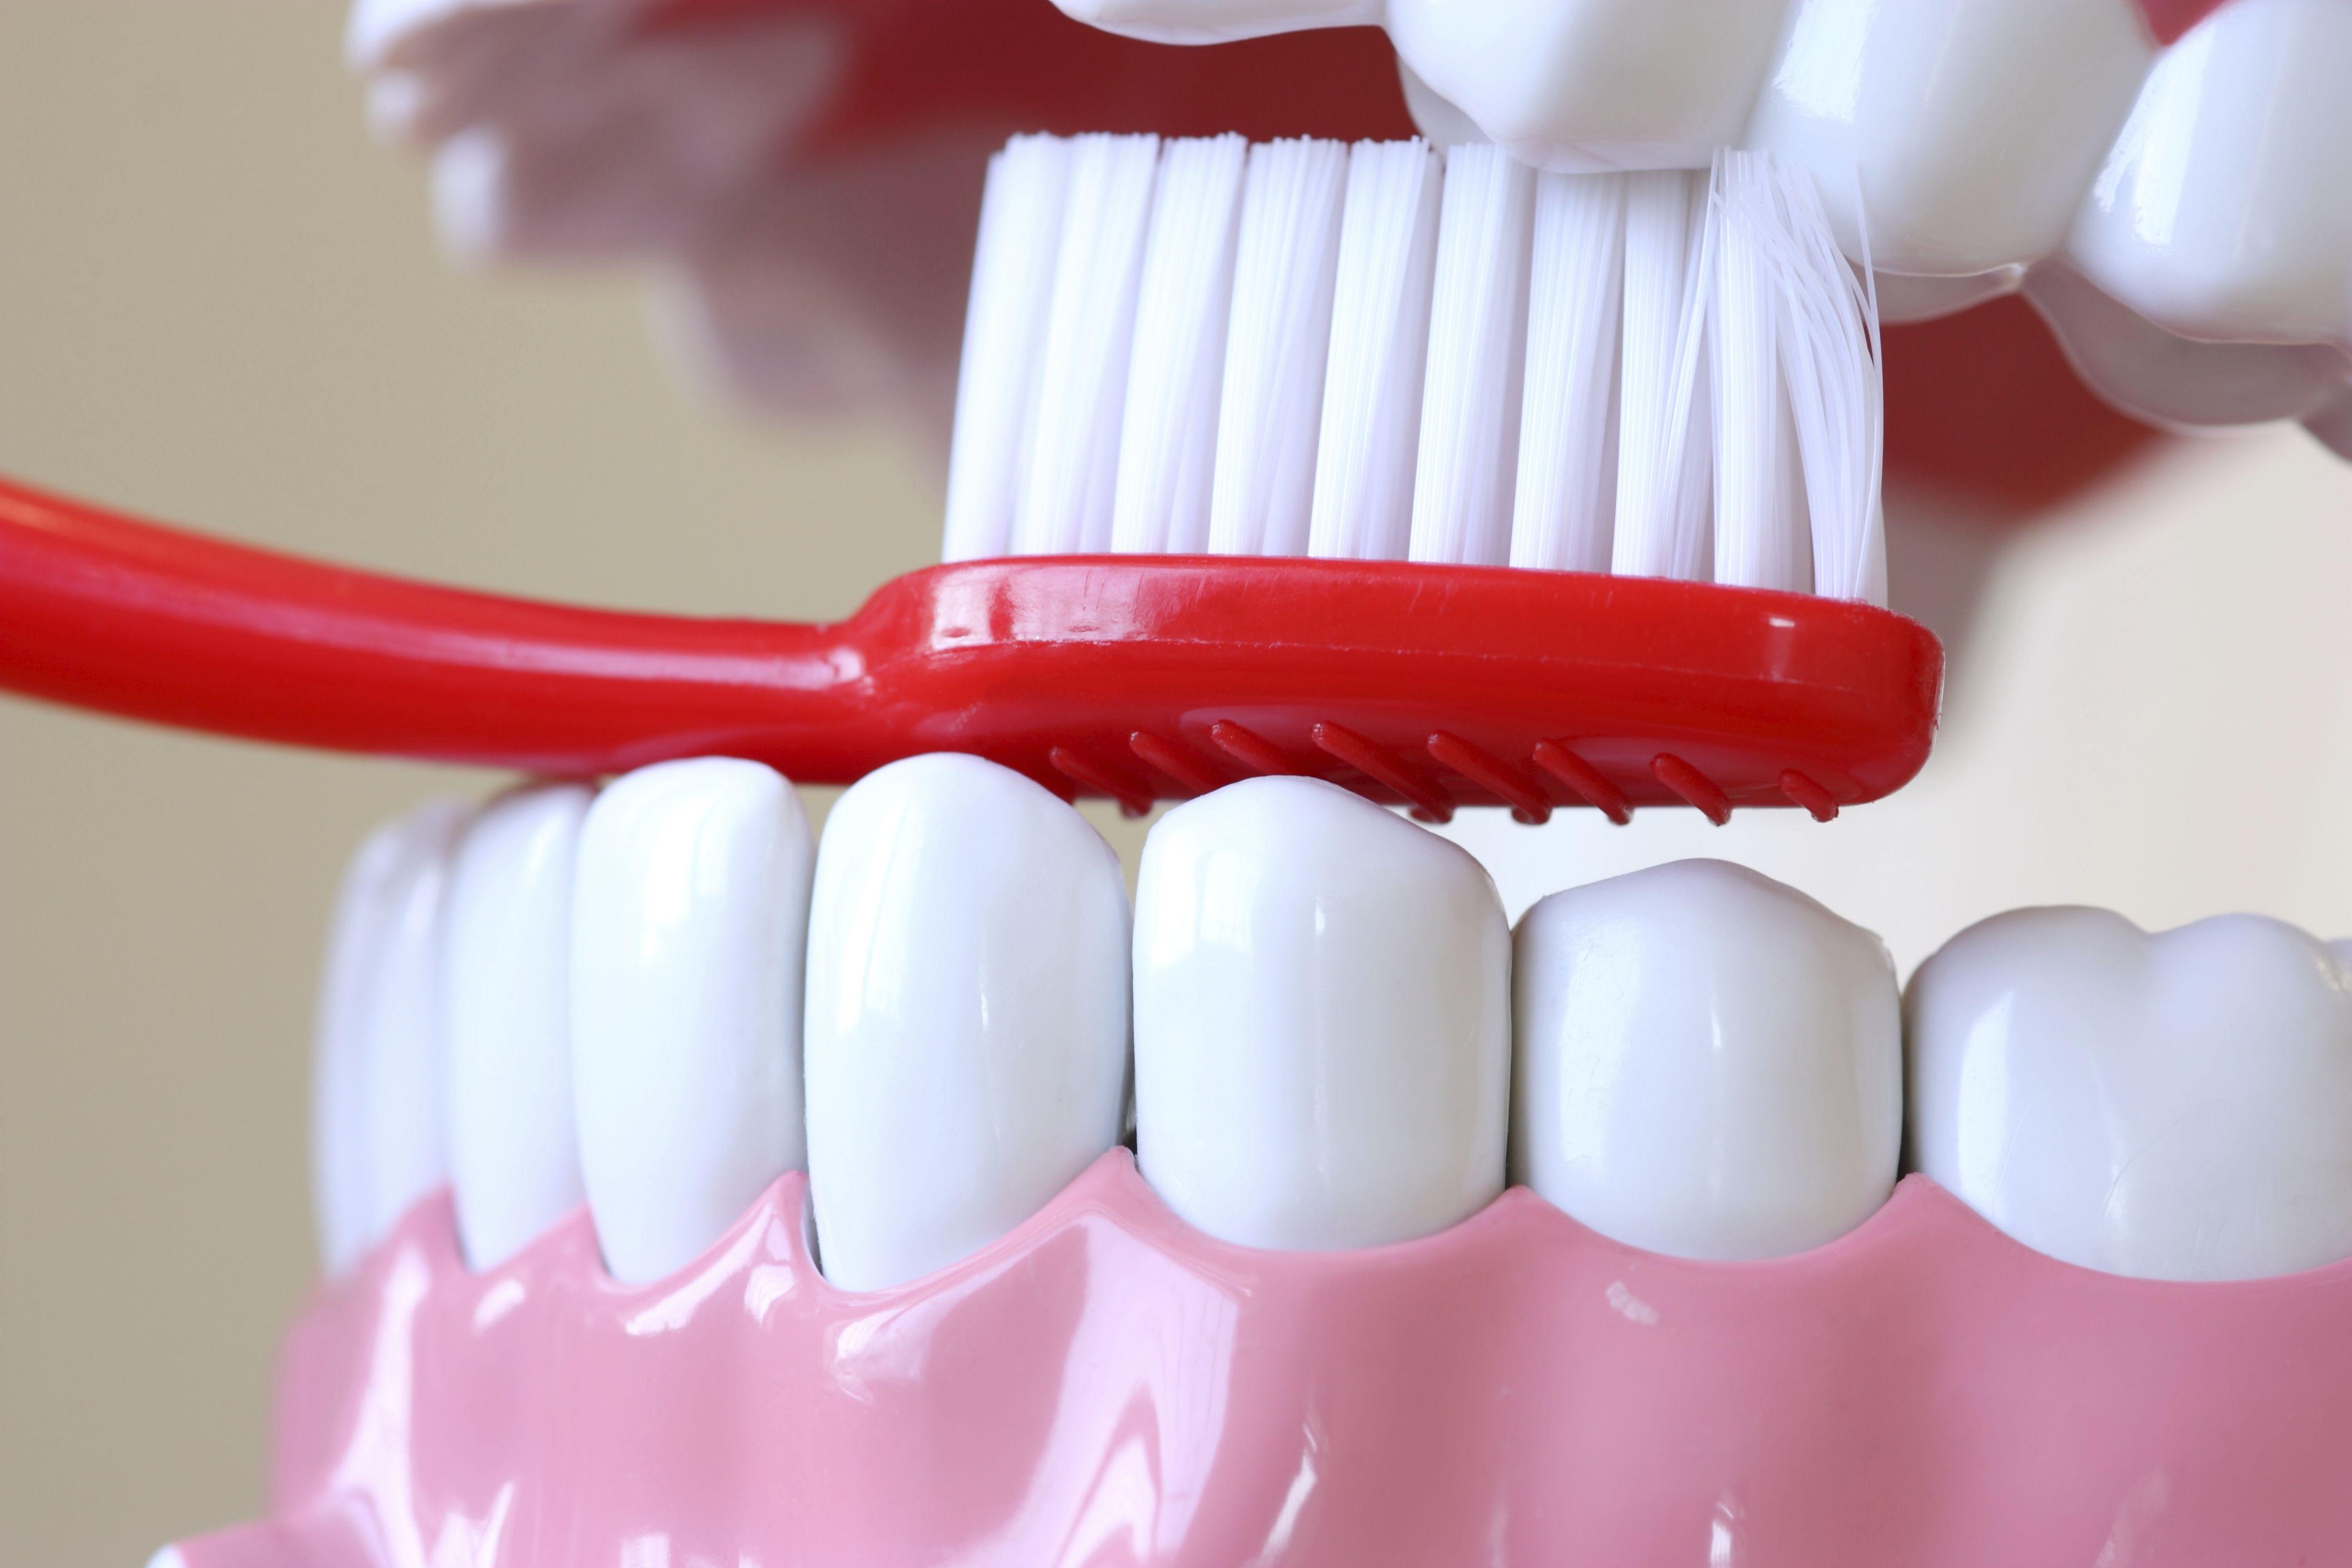 Asesoramiento sobre higiene dental en Zaragoza